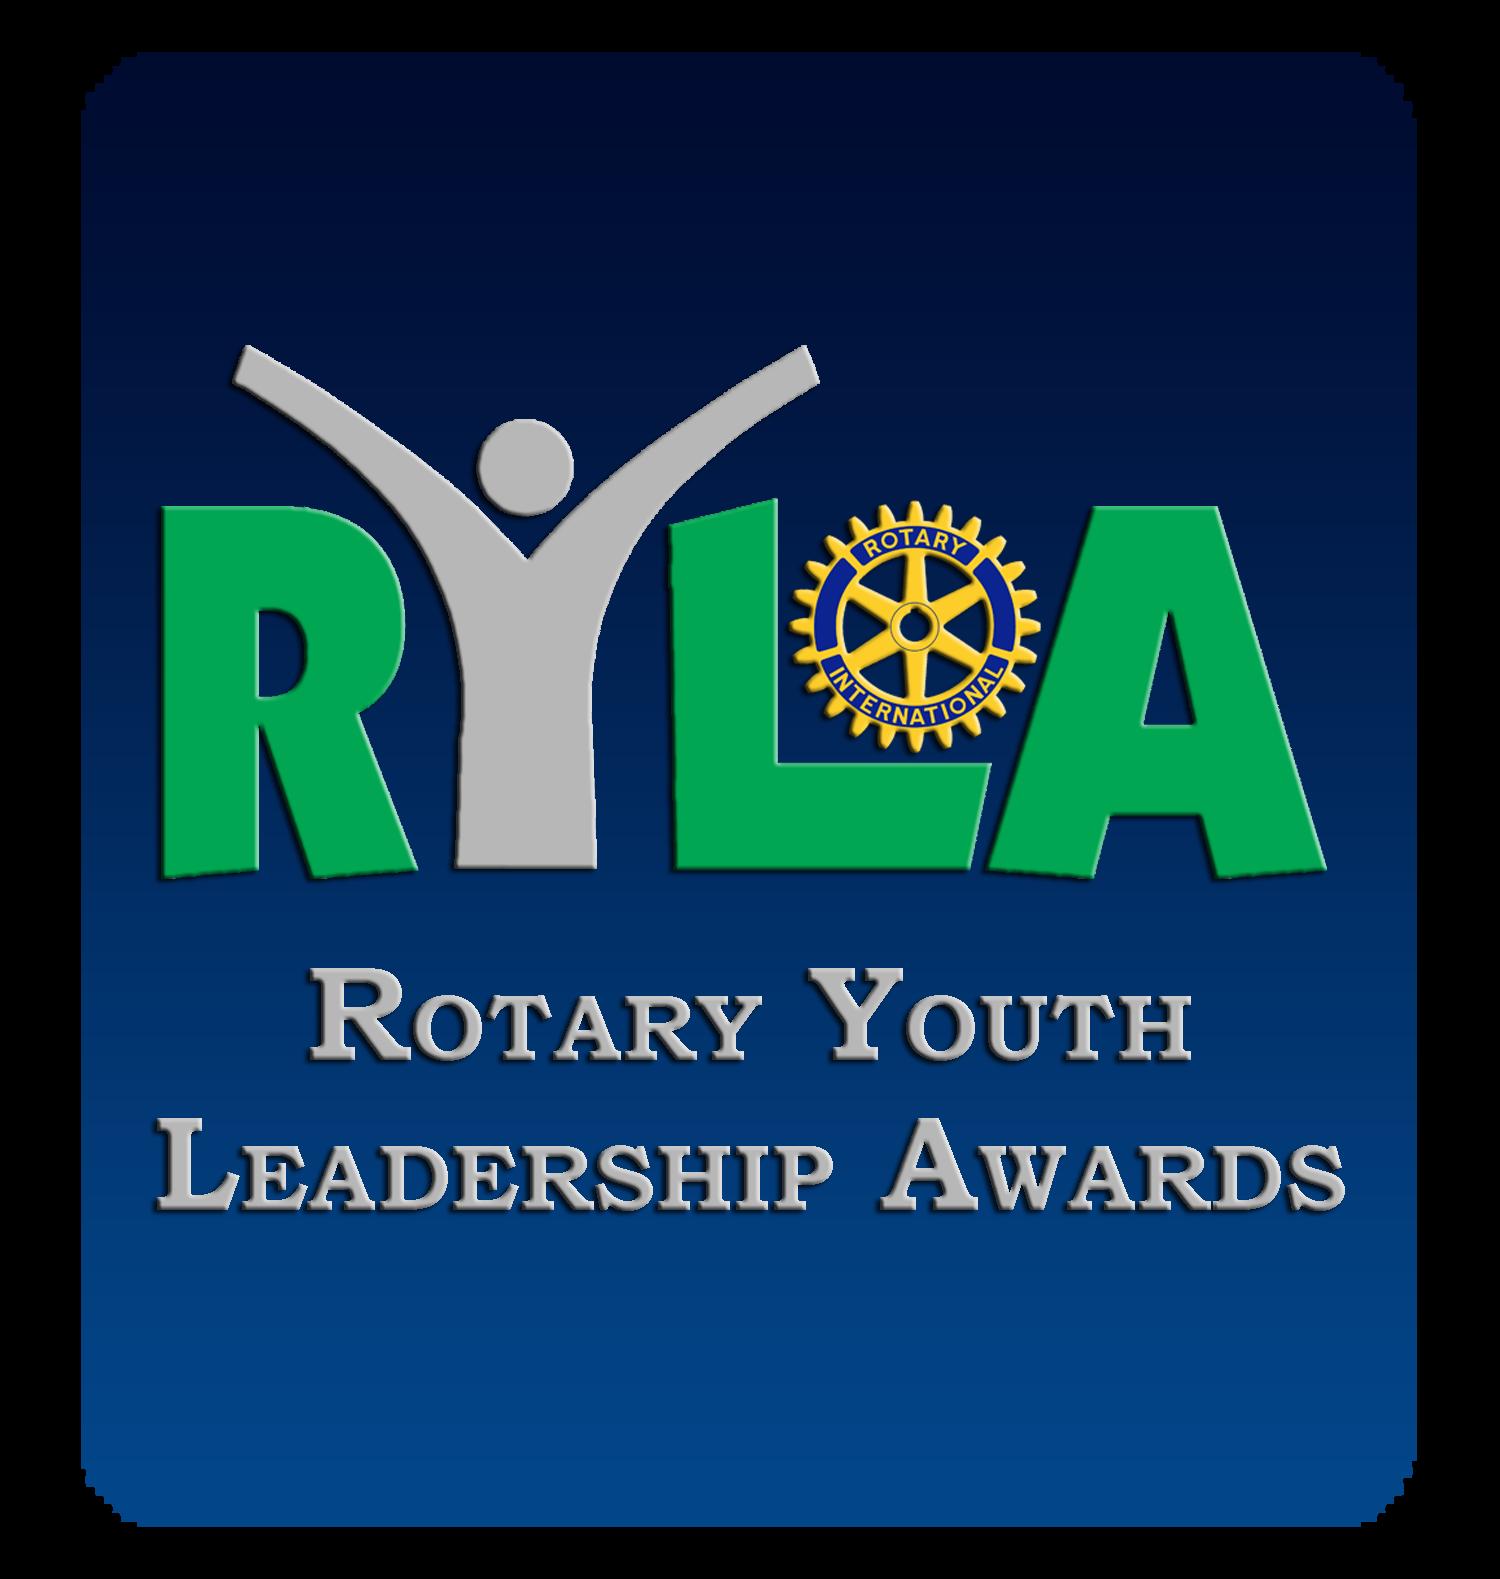 RYLA logo